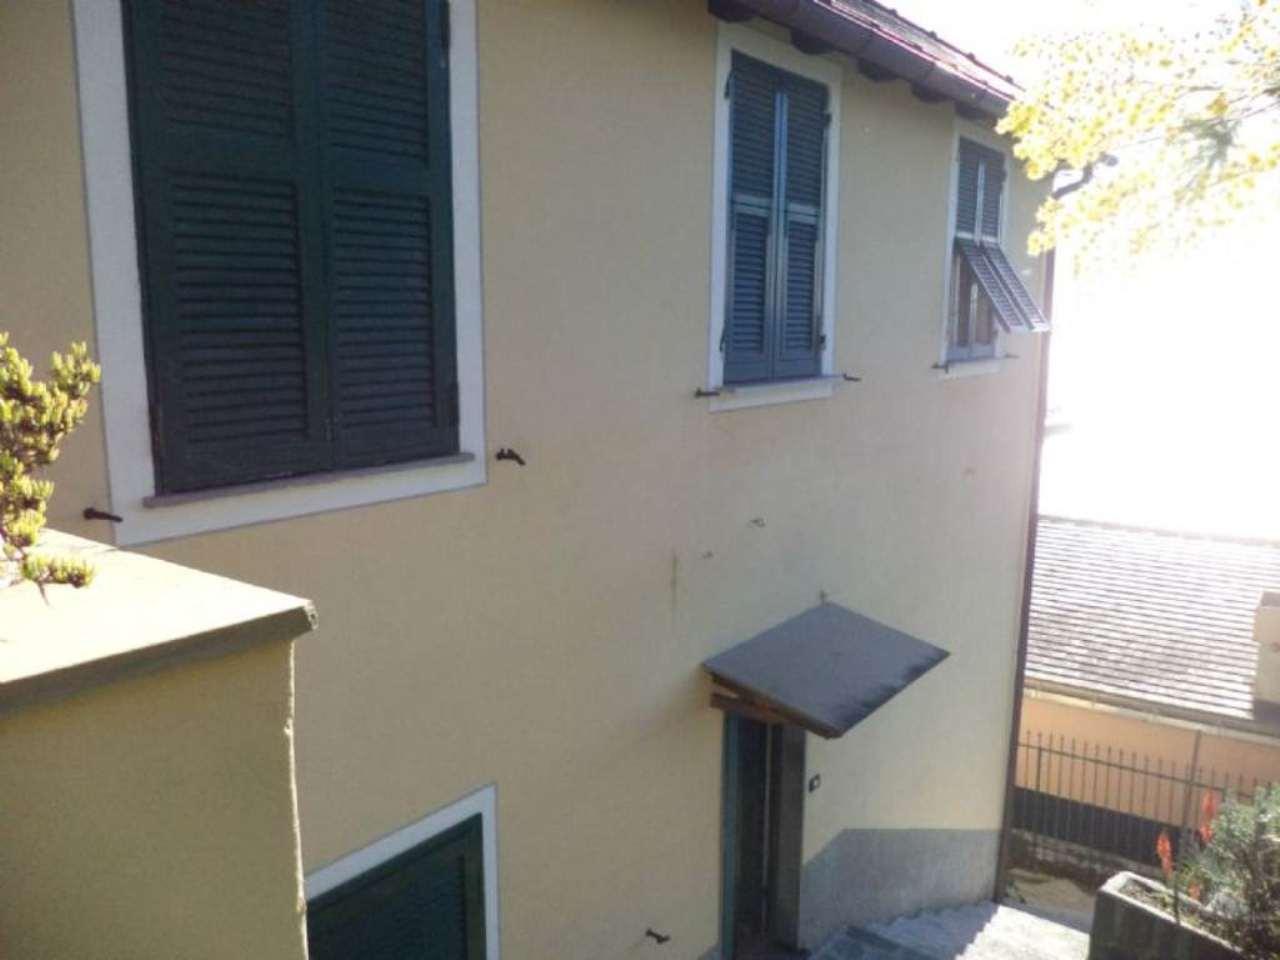 Appartamento in vendita a Pieve Ligure, 4 locali, prezzo € 270.000 | Cambio Casa.it